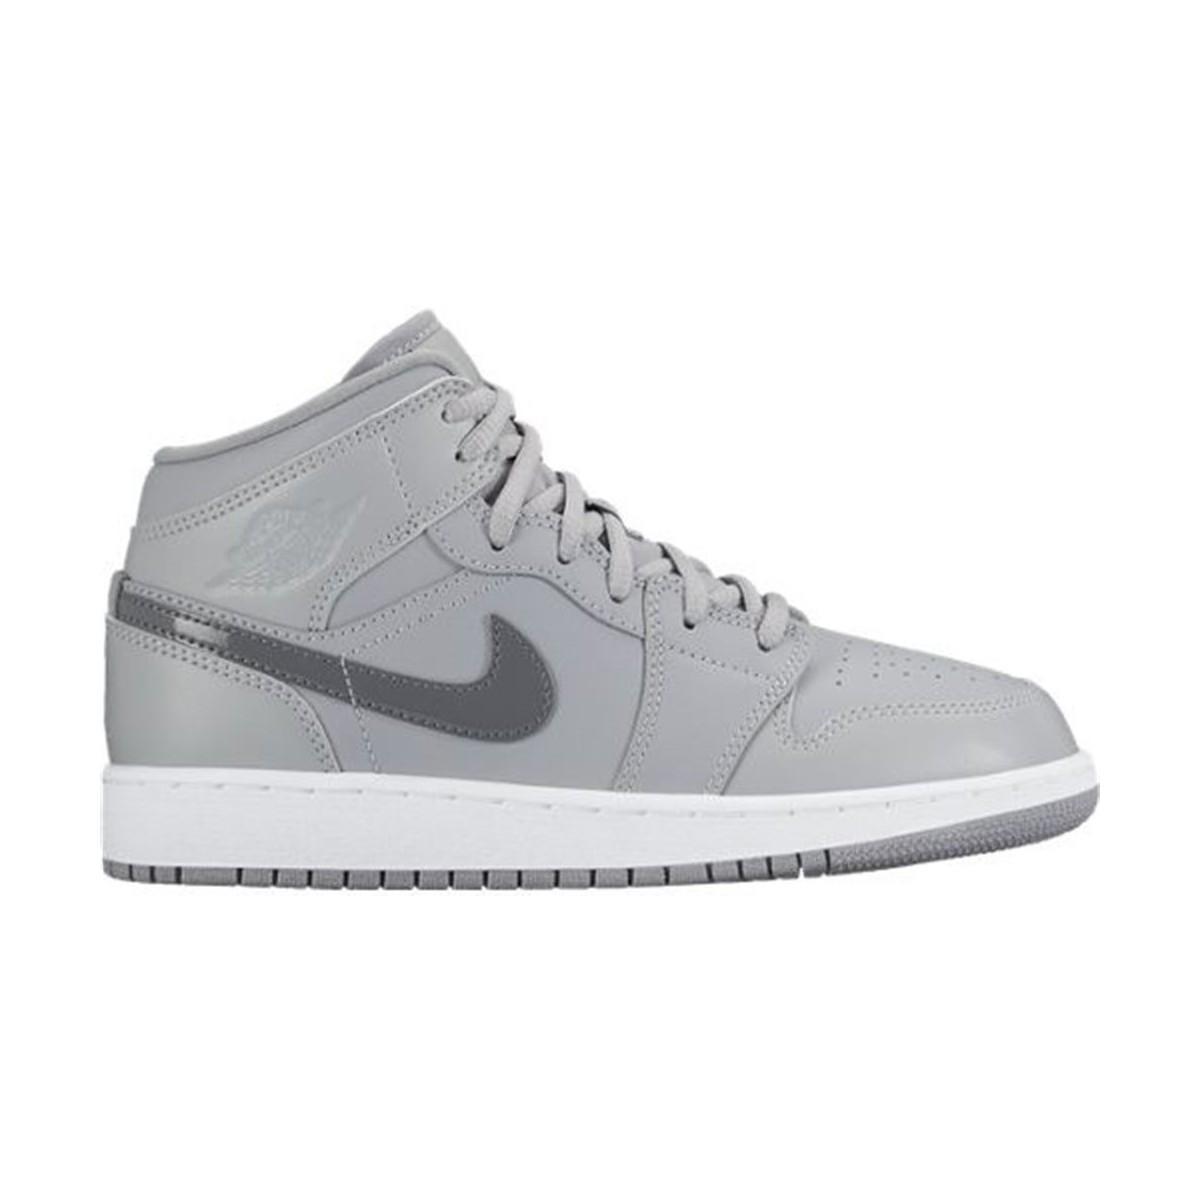 Air Jordan 1 Mid BG femmes Chaussures en multicolor Nike en ...